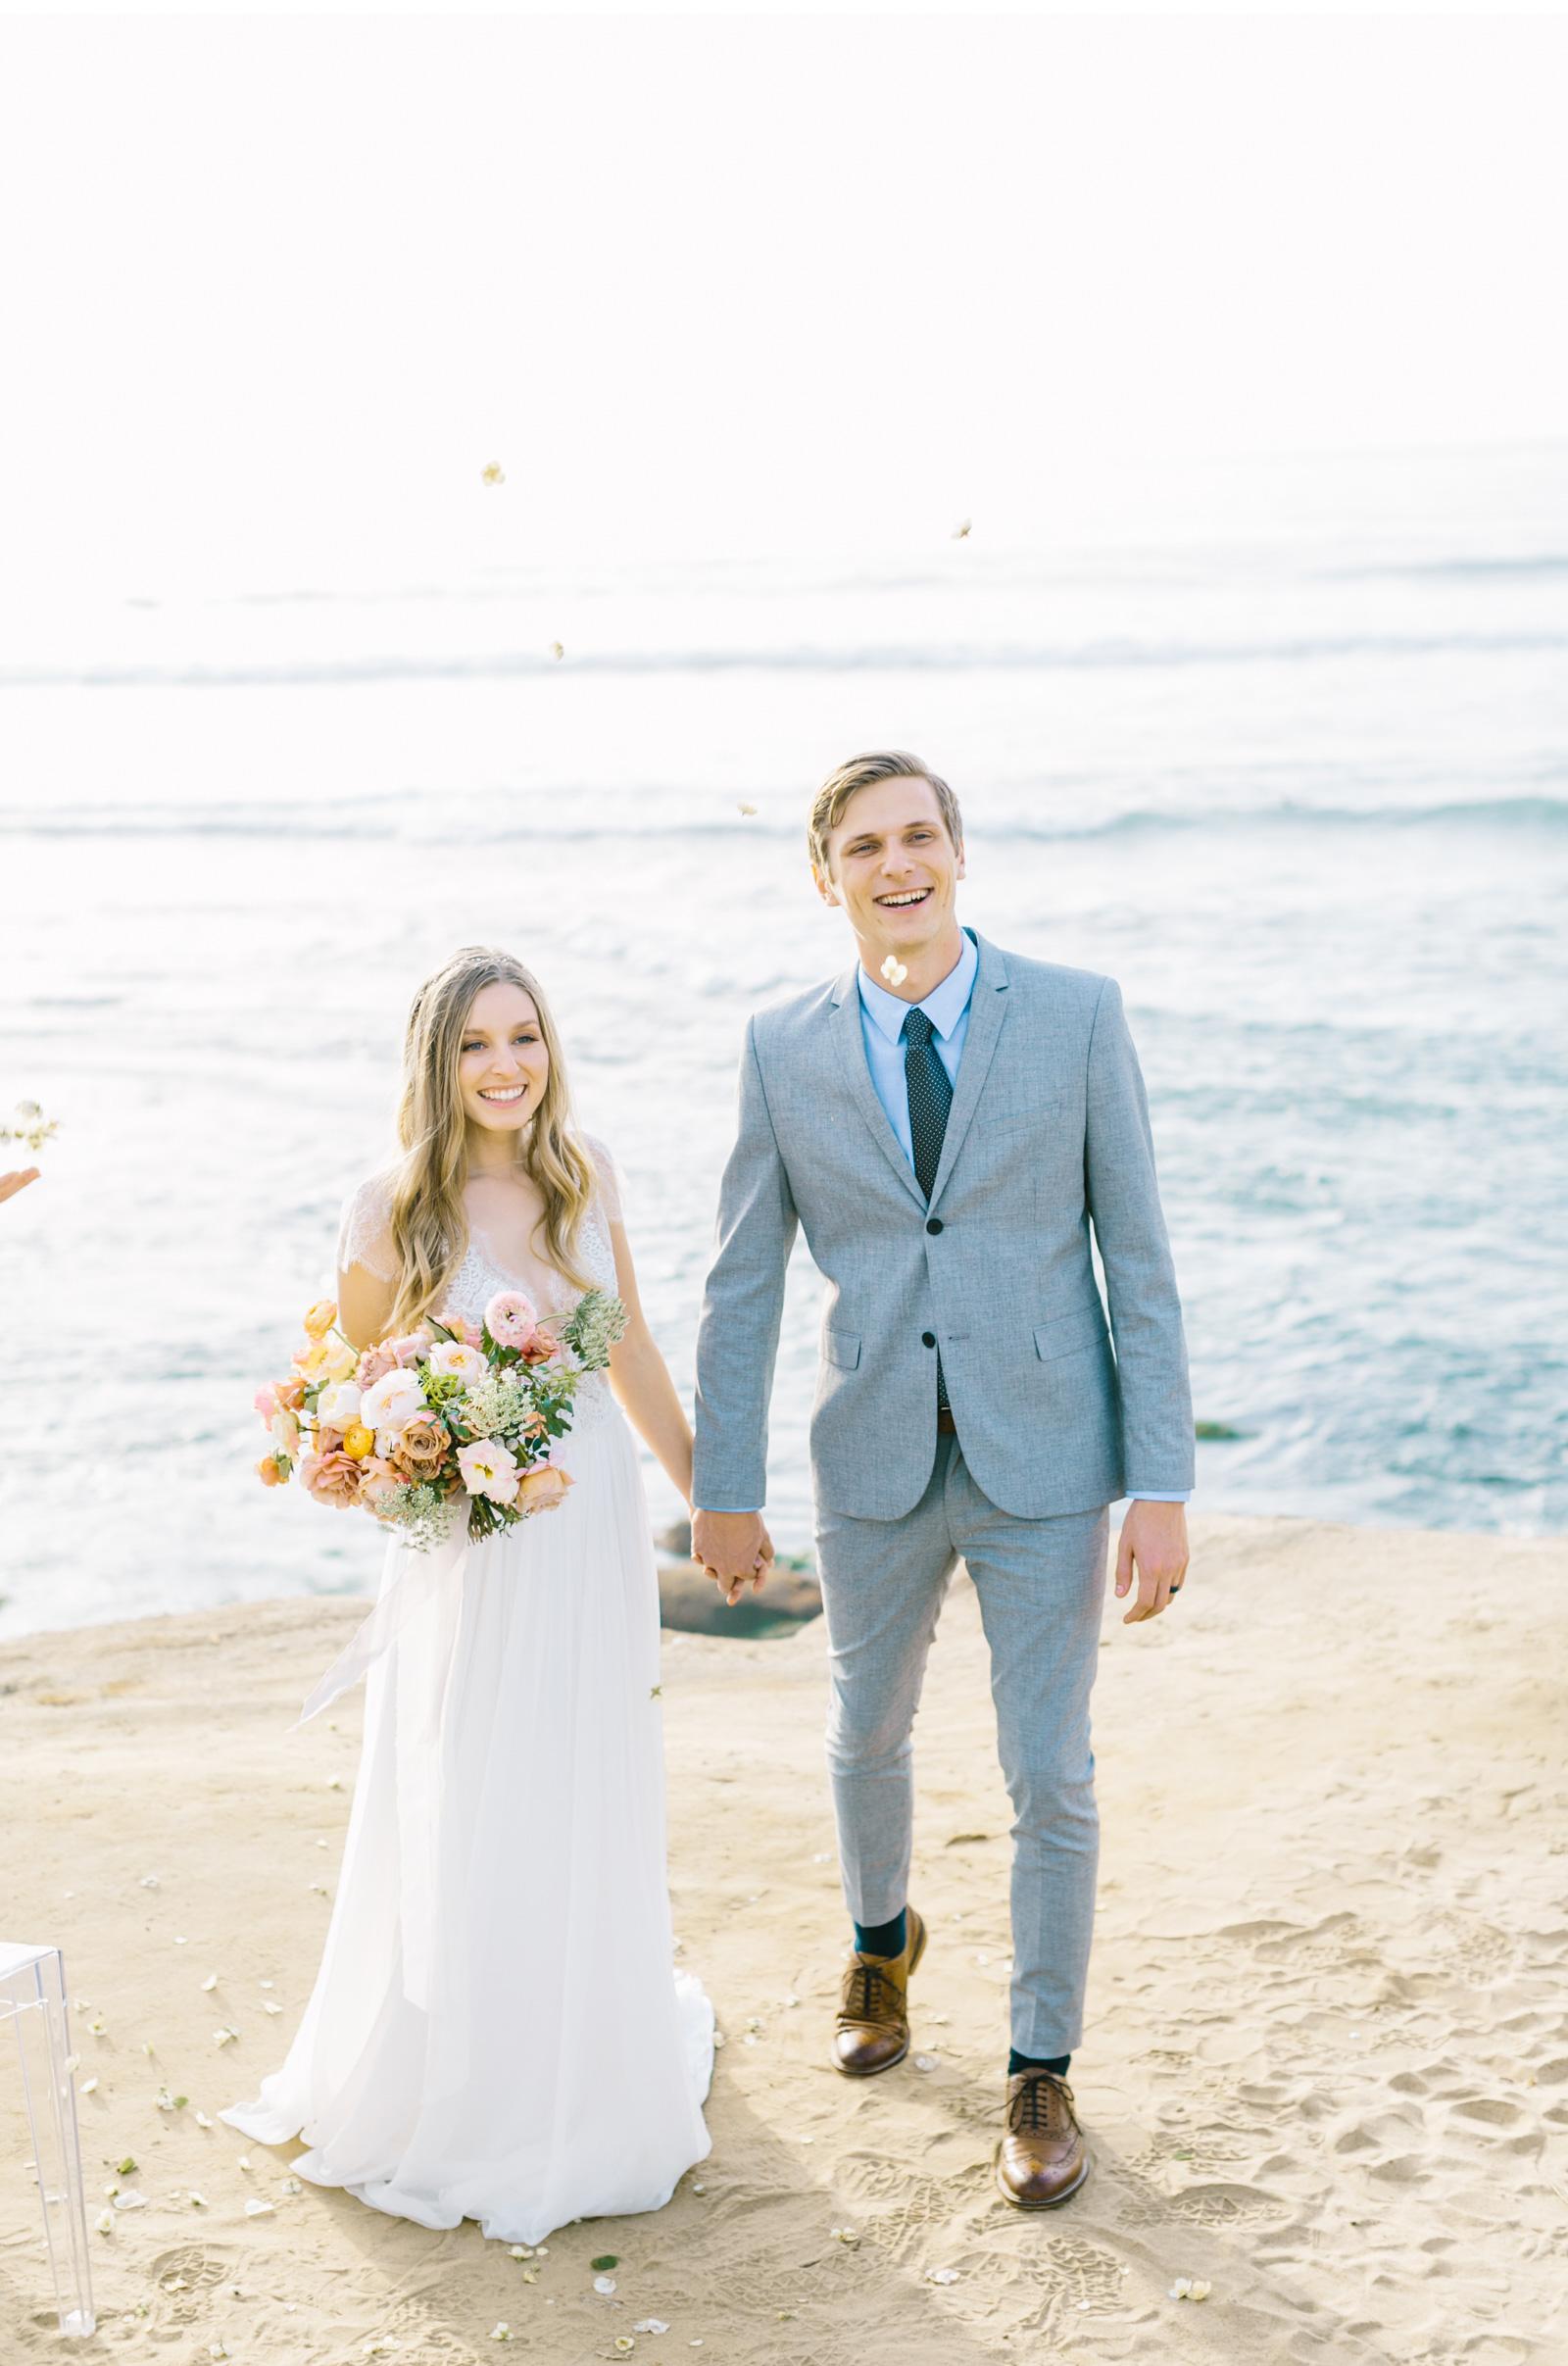 San-Clemente-Wedding-Photographer-Hawaii-Natalie-Schutt-Photography_13.jpg